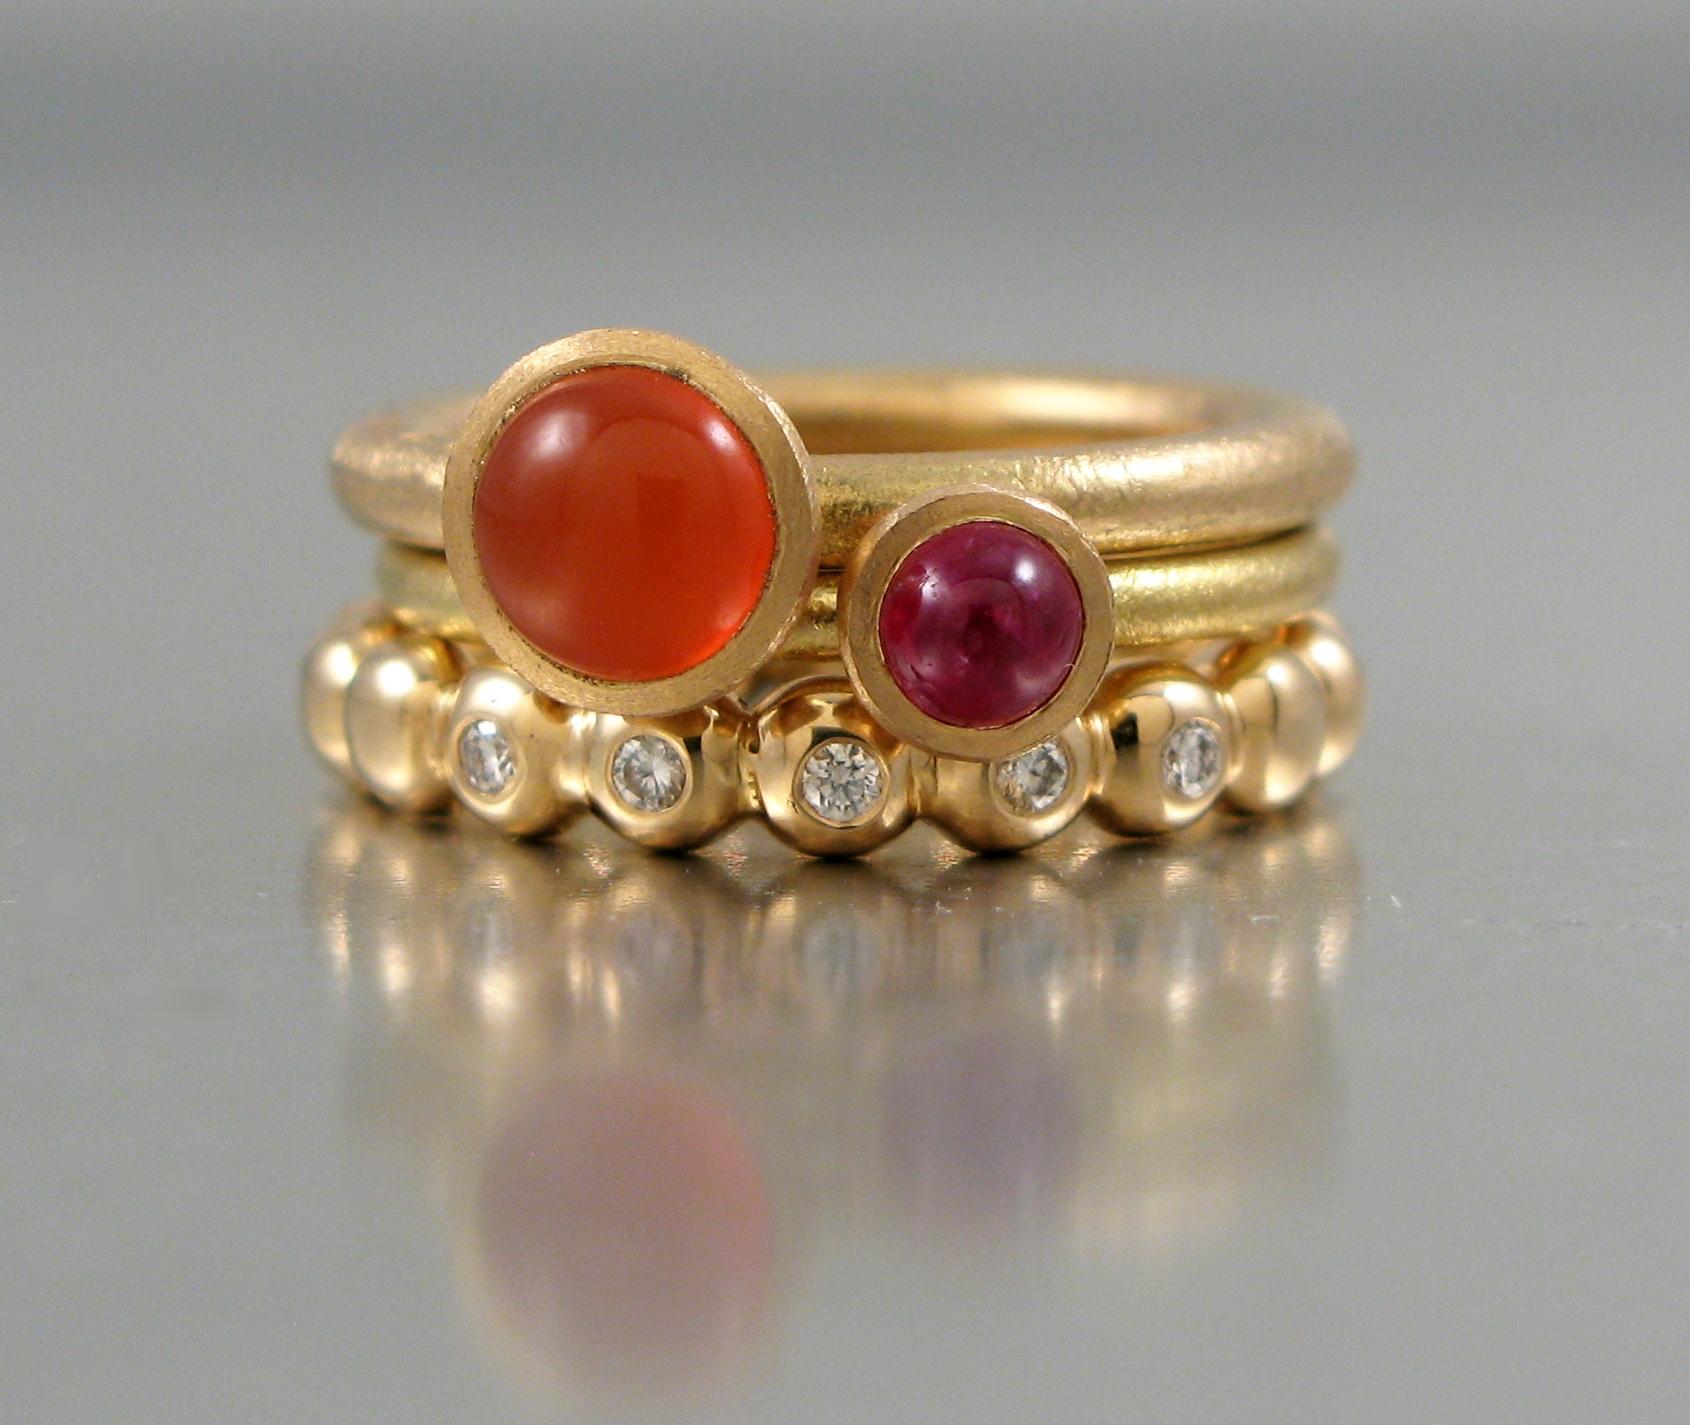 """Ring, """"Stor Pytteliten"""", """"guld, och karneol. """"Pytteliten"""", guld och rubin. """"Kulring"""" guld och briljanter."""